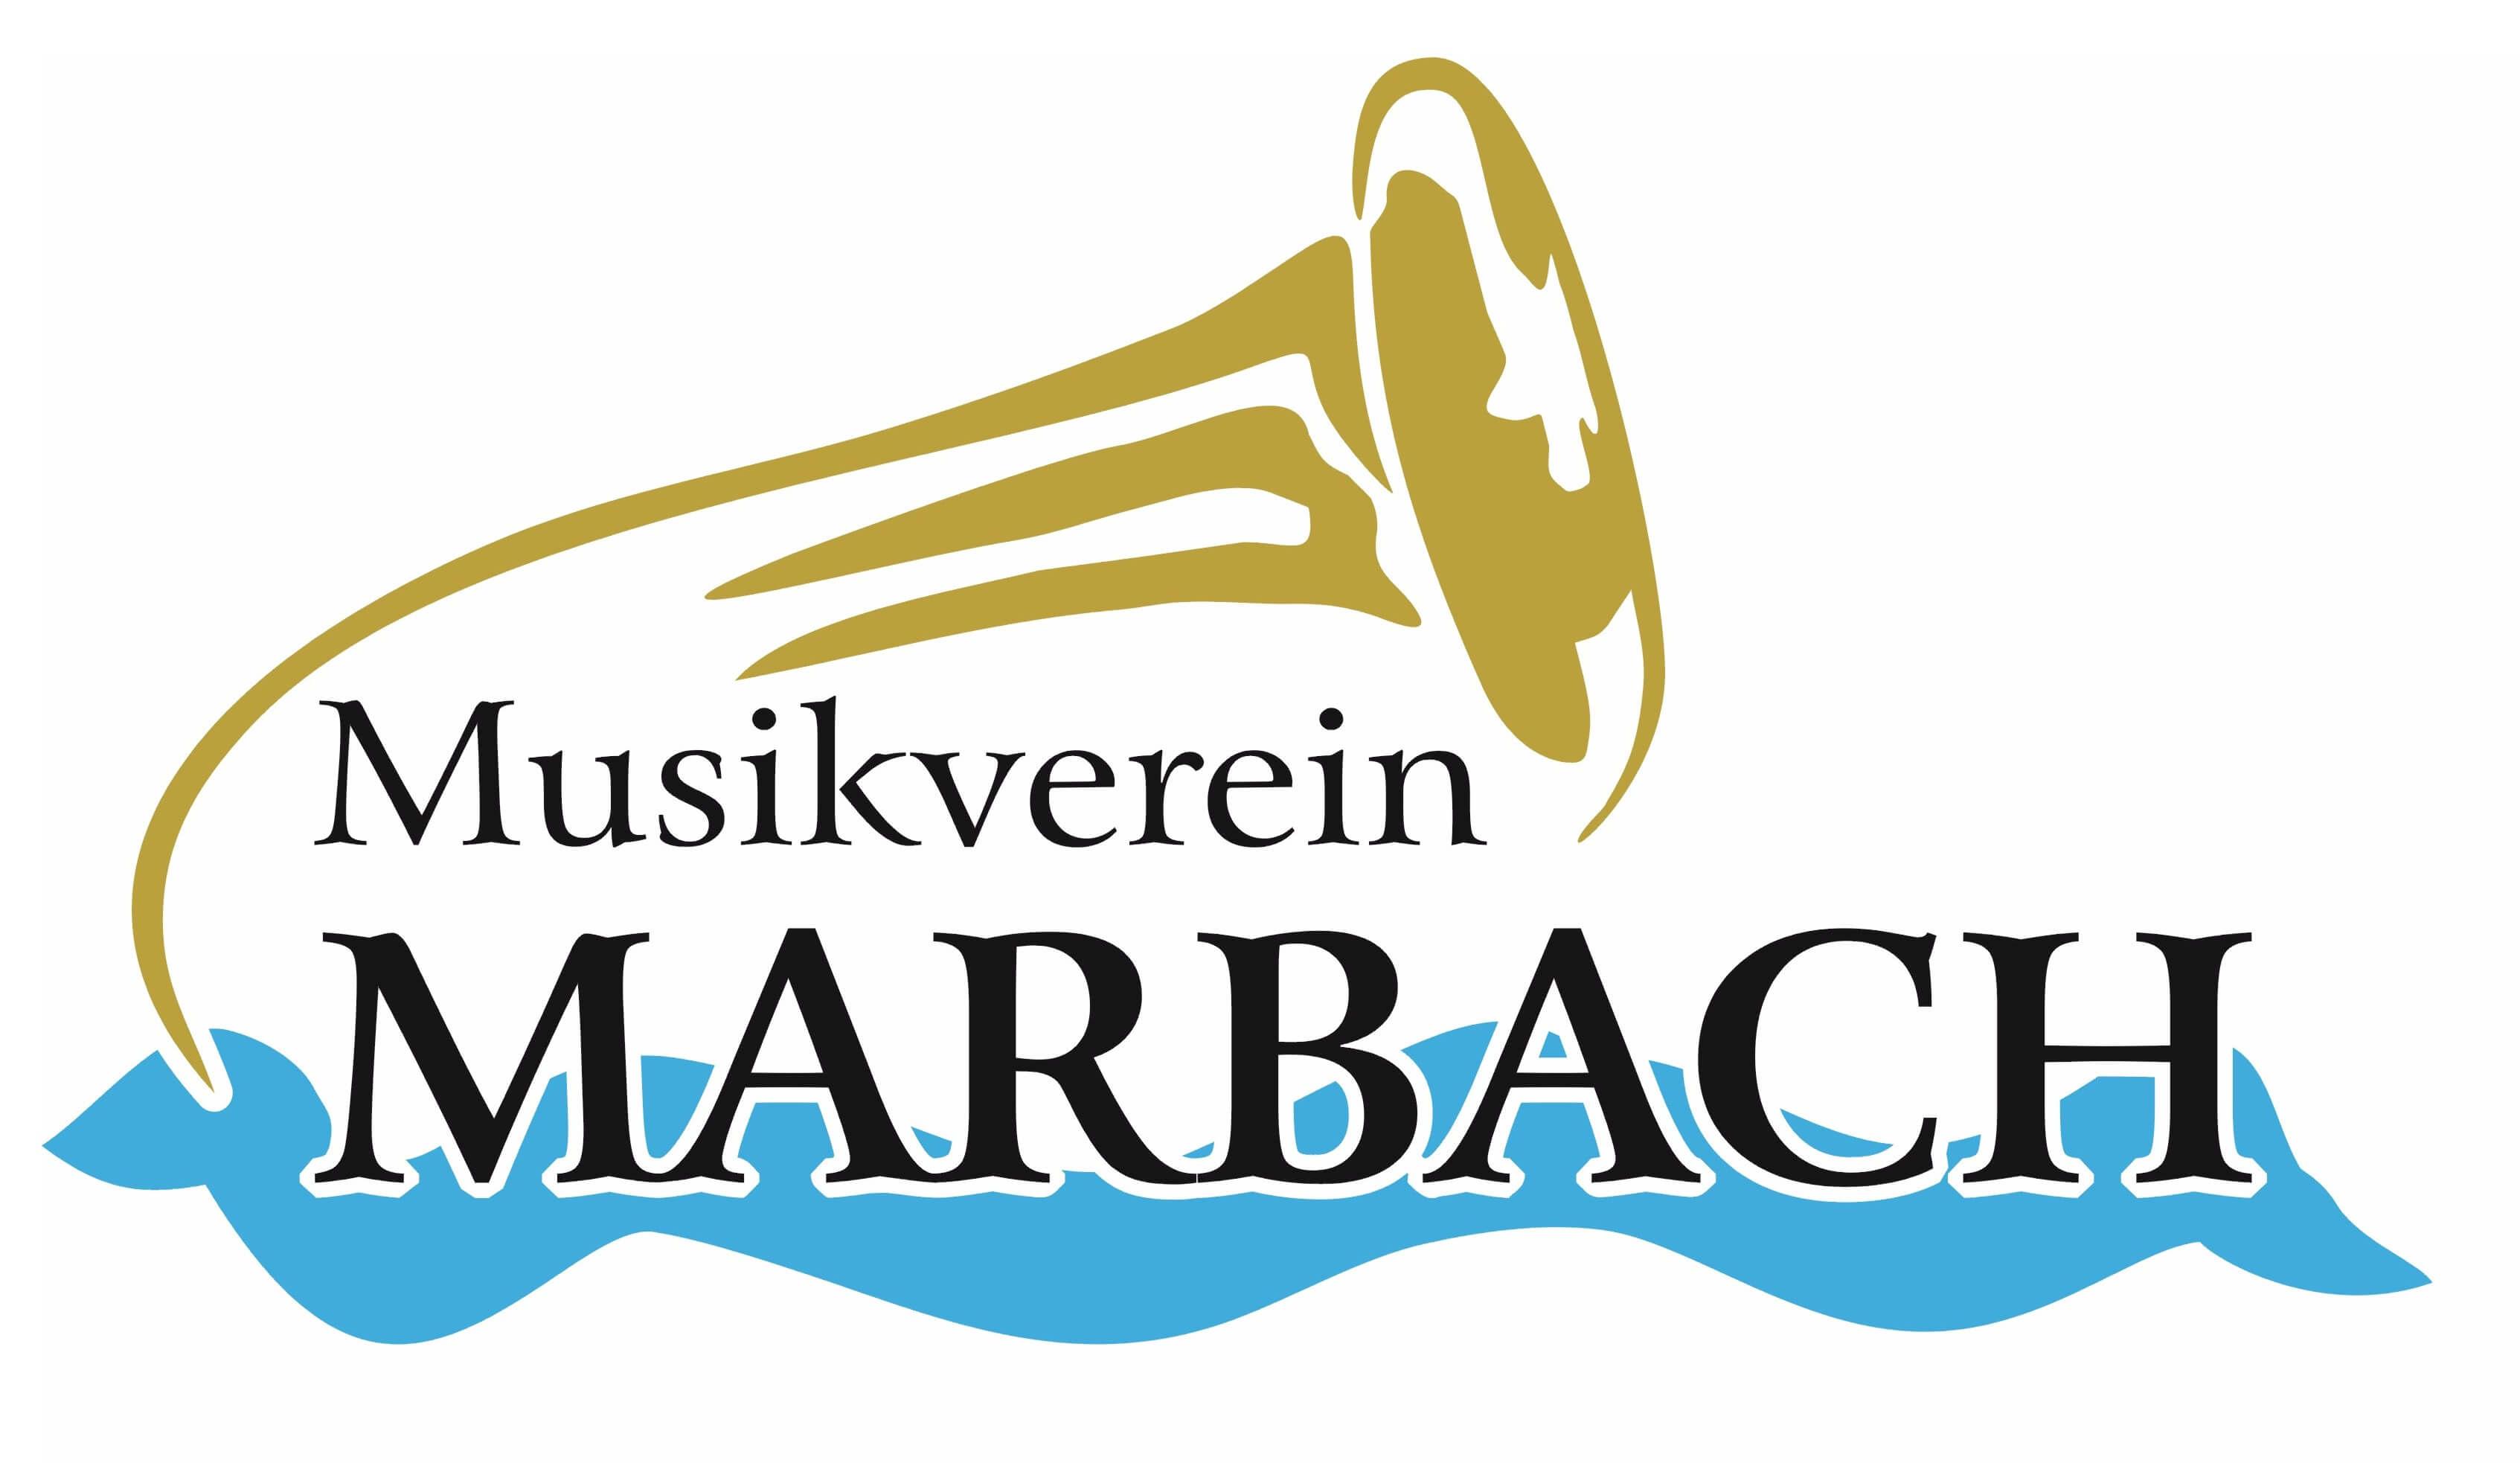 Saison-Eröffnung mit dem Musikverein Marbach